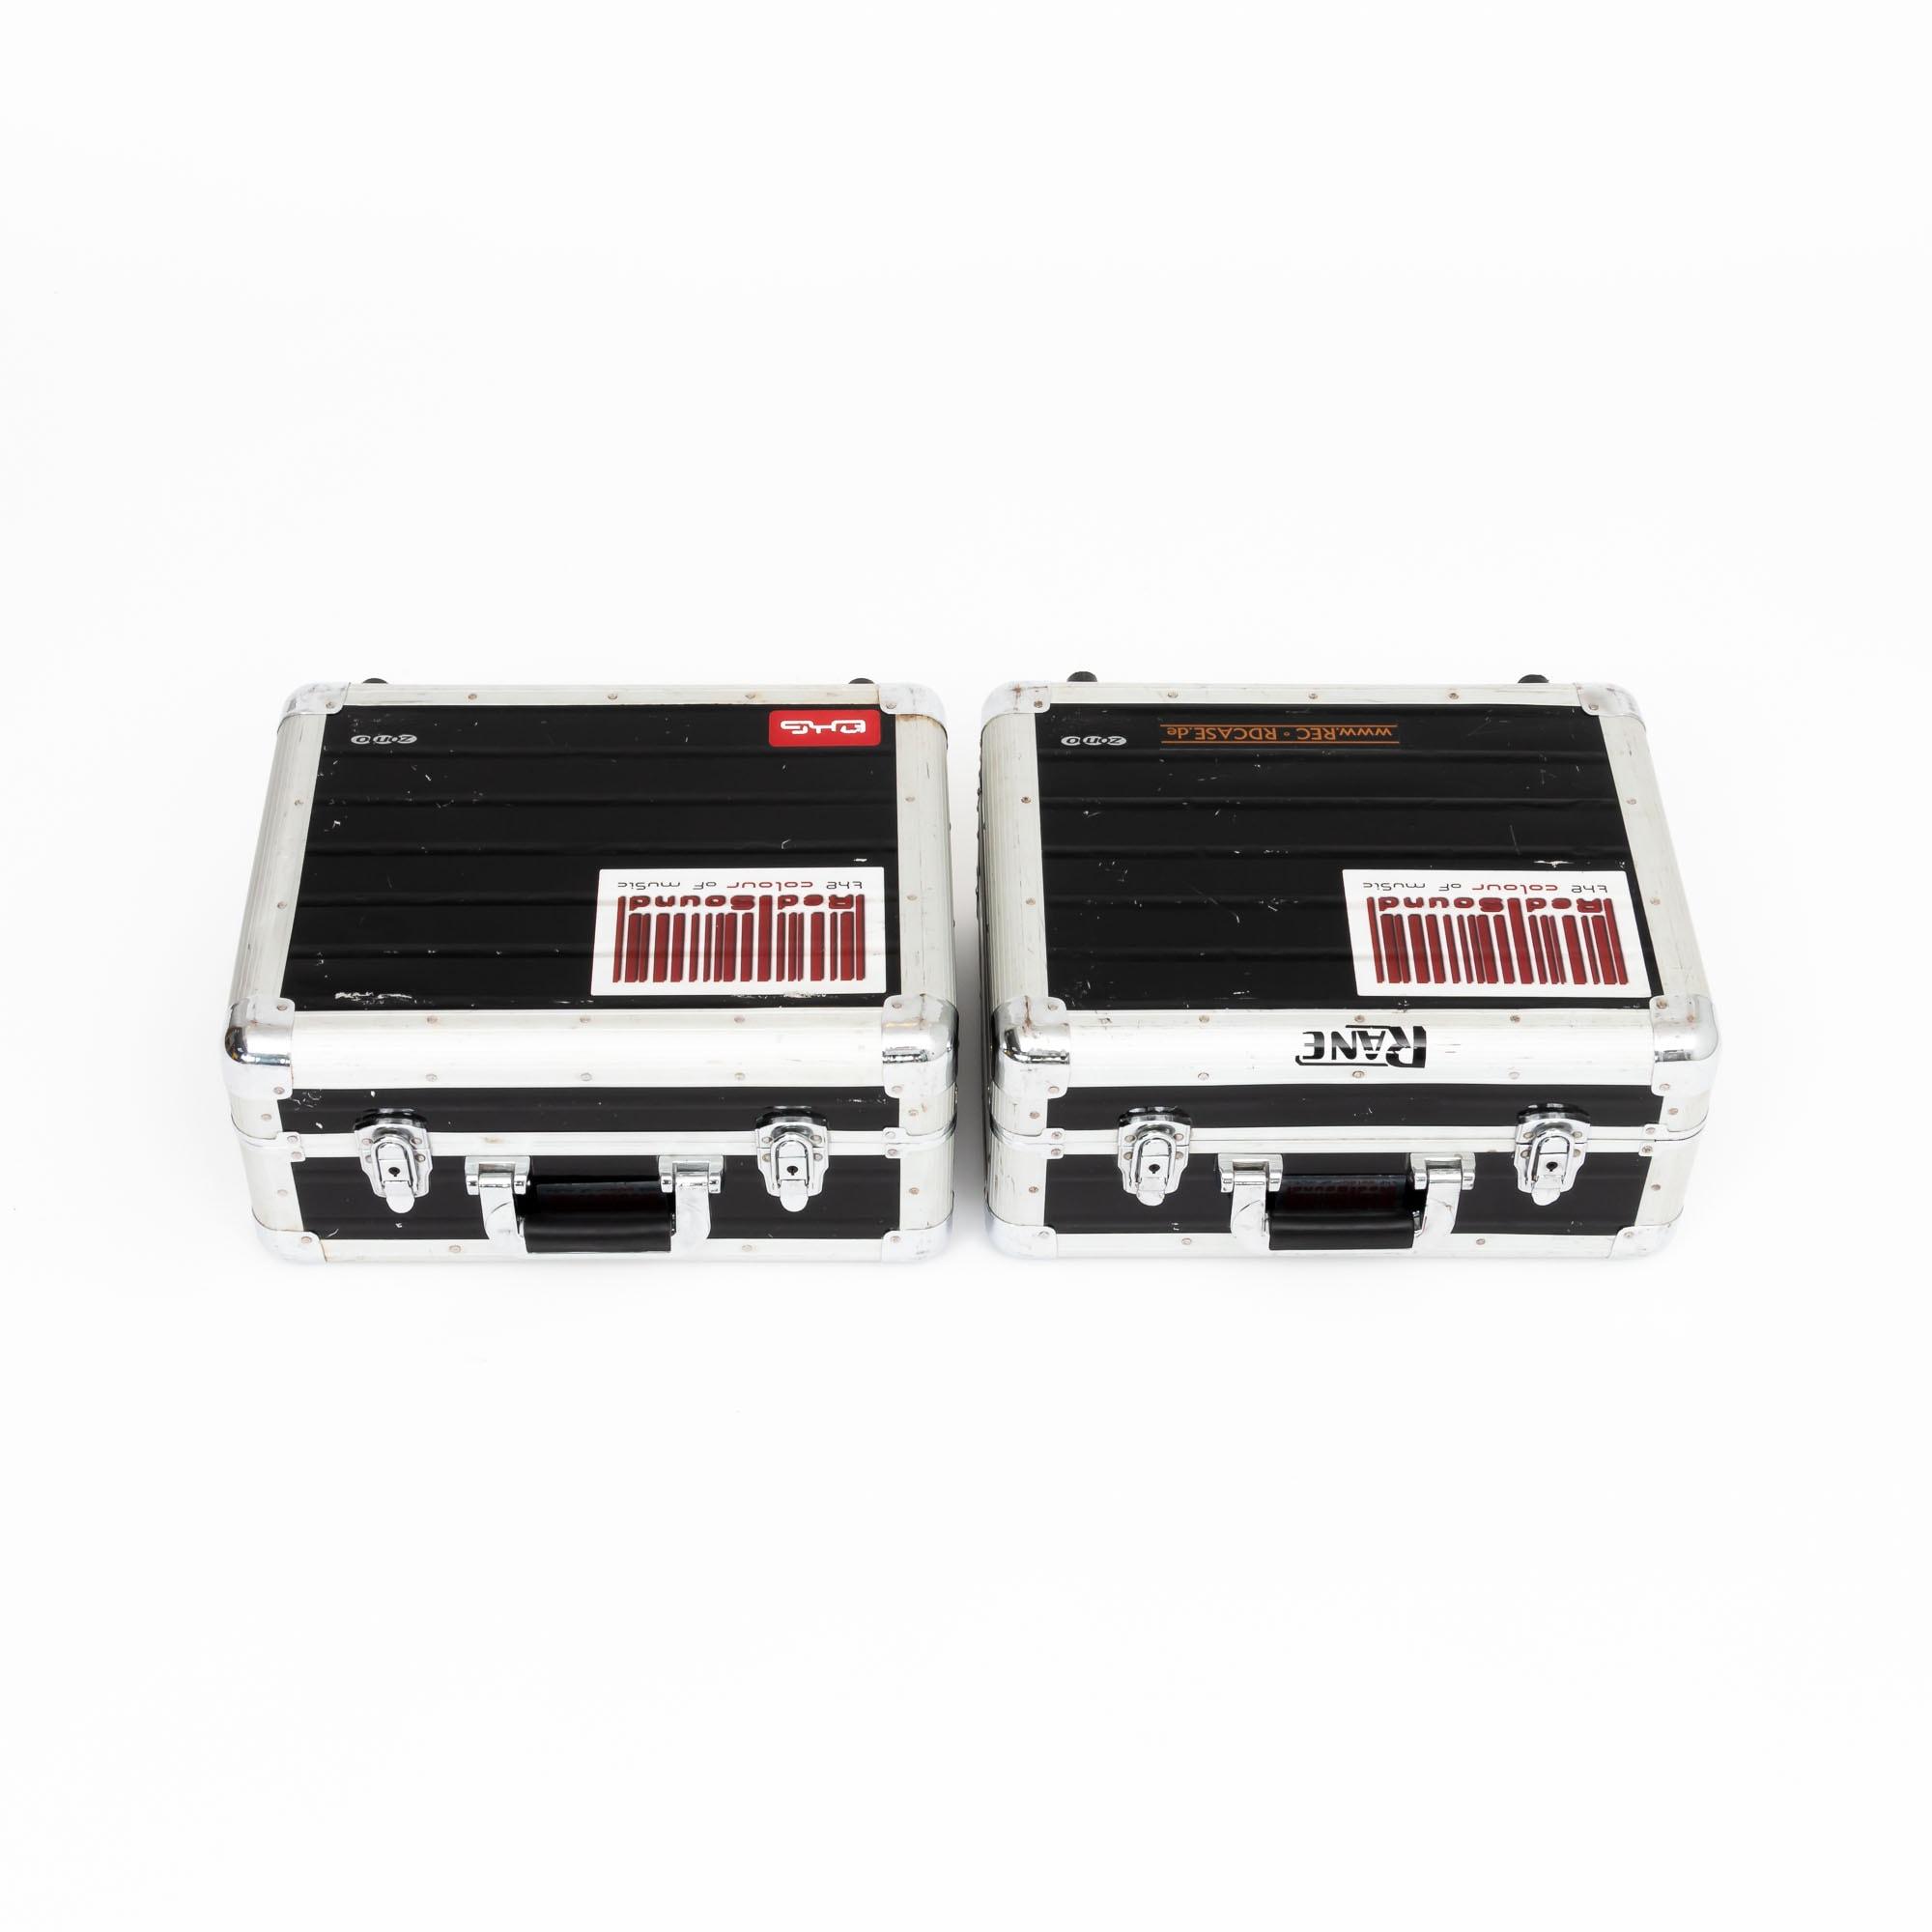 2er Paket Flightcase fuer CDJ 2000 NXS2 gebraucht outlet 1